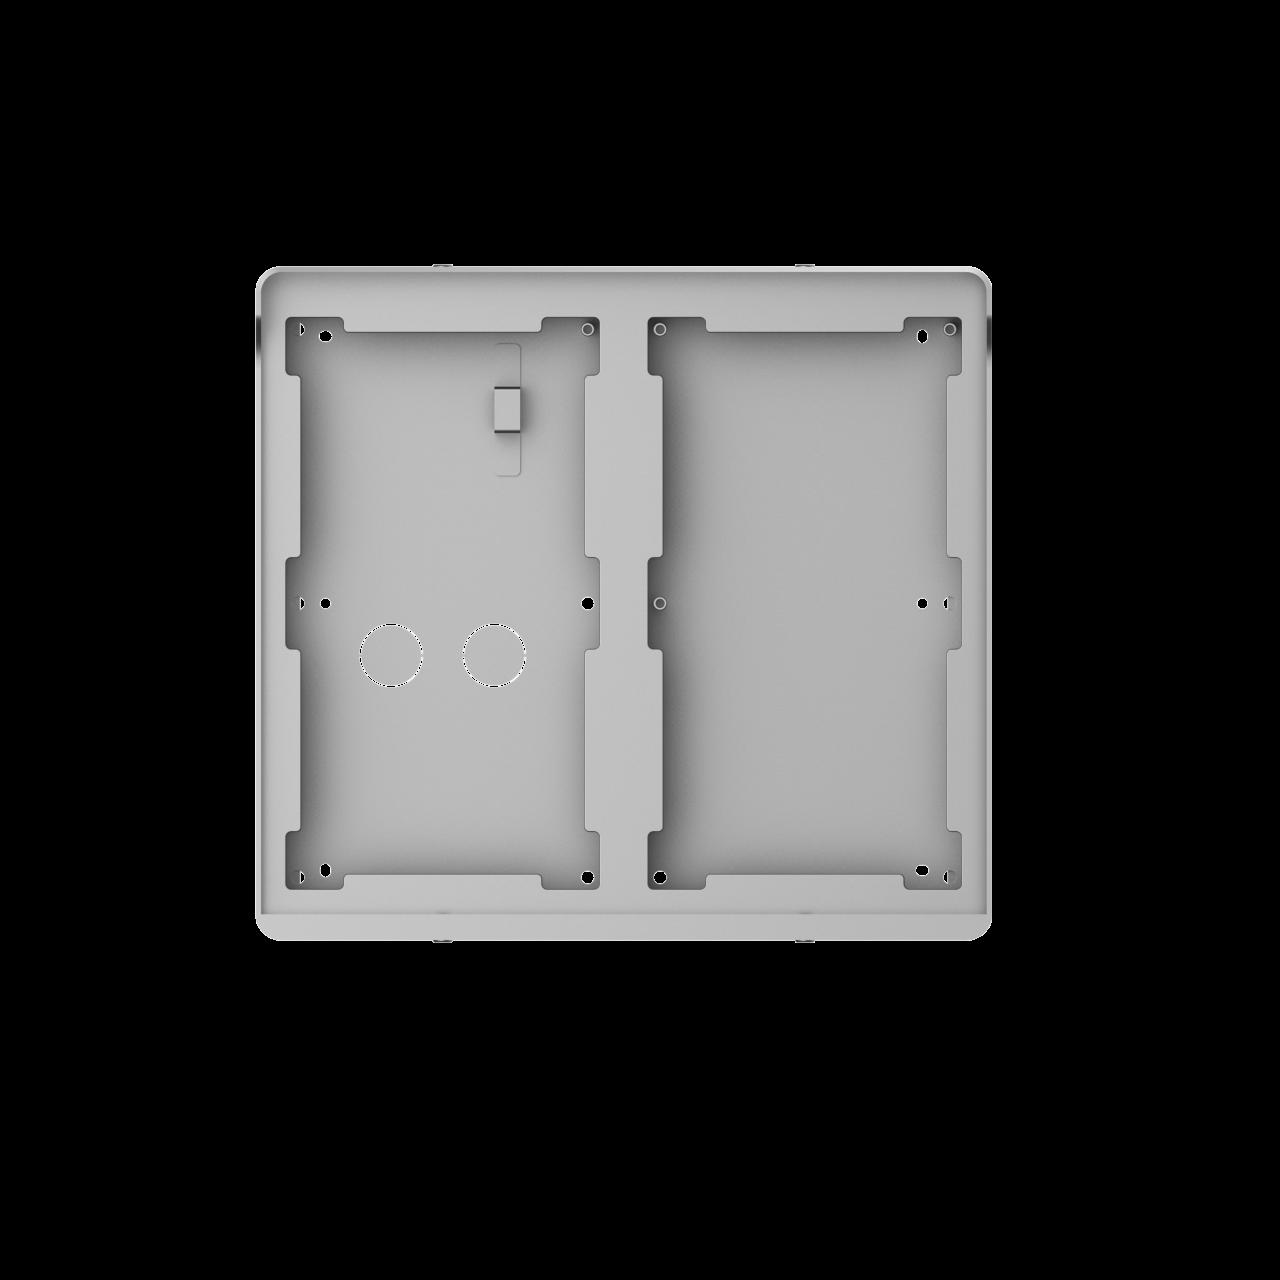 TURM IP Video Türsprechanlage Aufputz Montagerahmen für zwei modularen Außenstationen mit zwei Modul